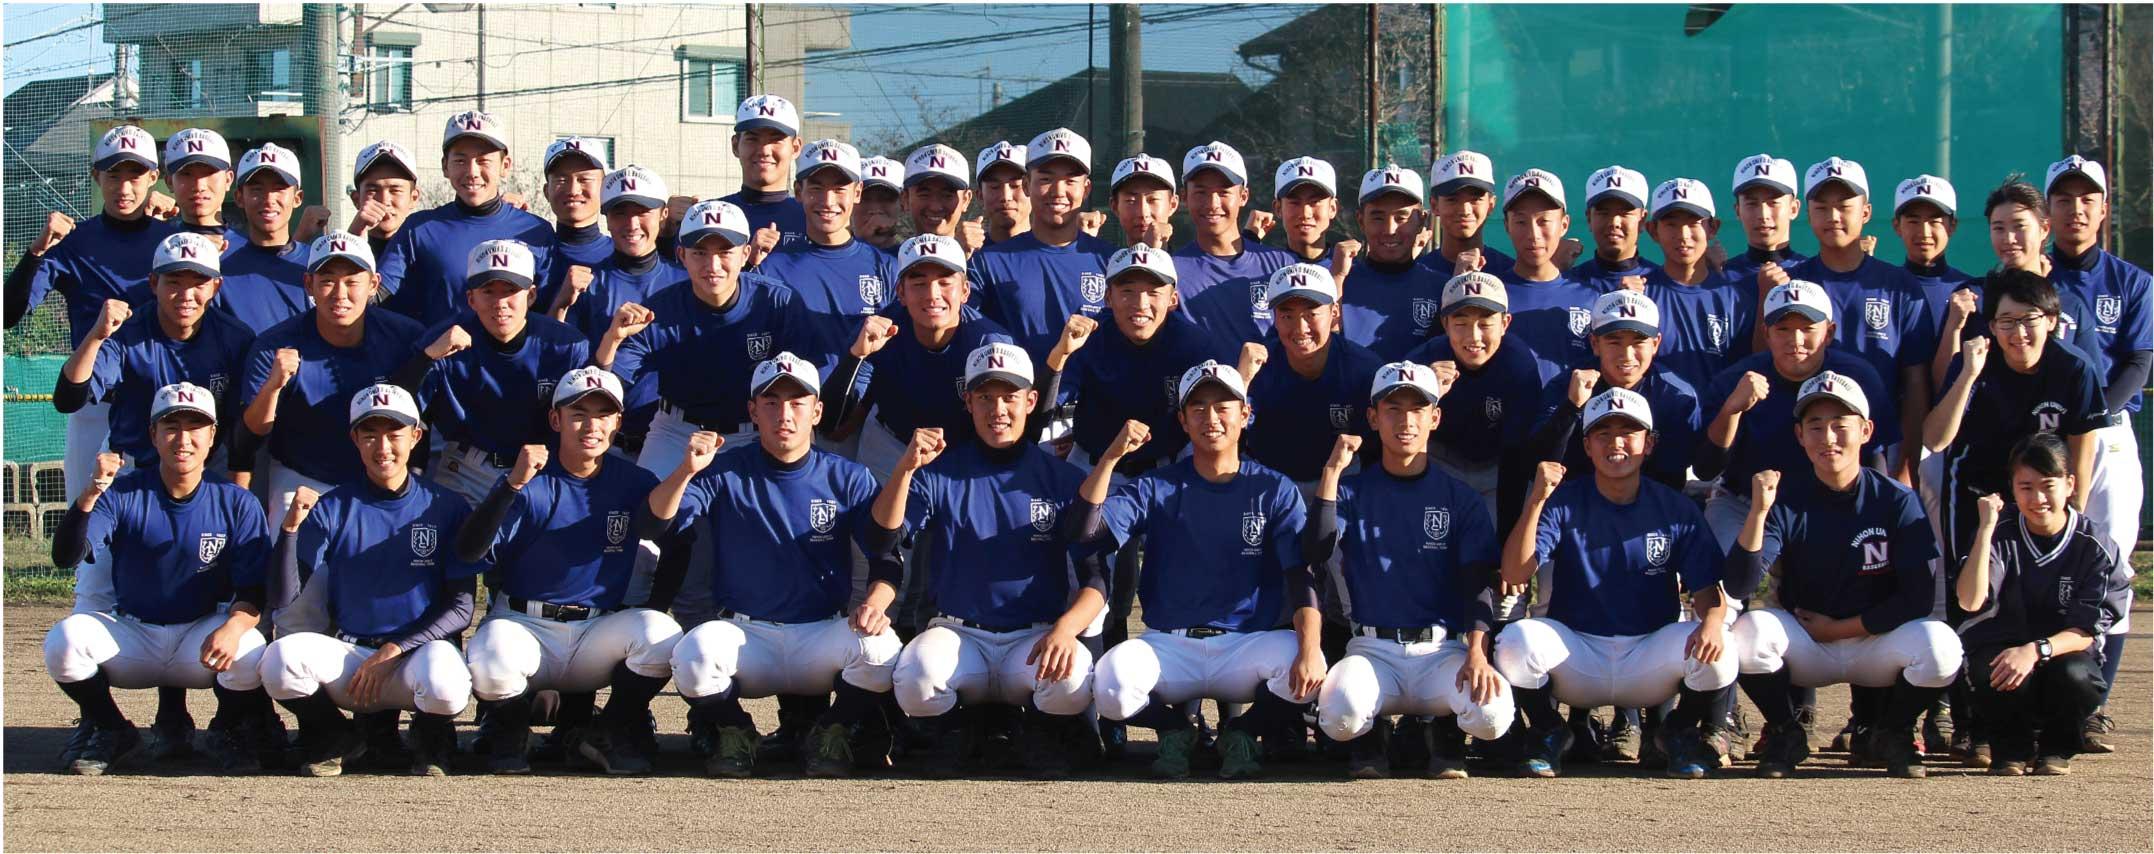 【日大二 野球部】「38年ぶりの聖地へ」